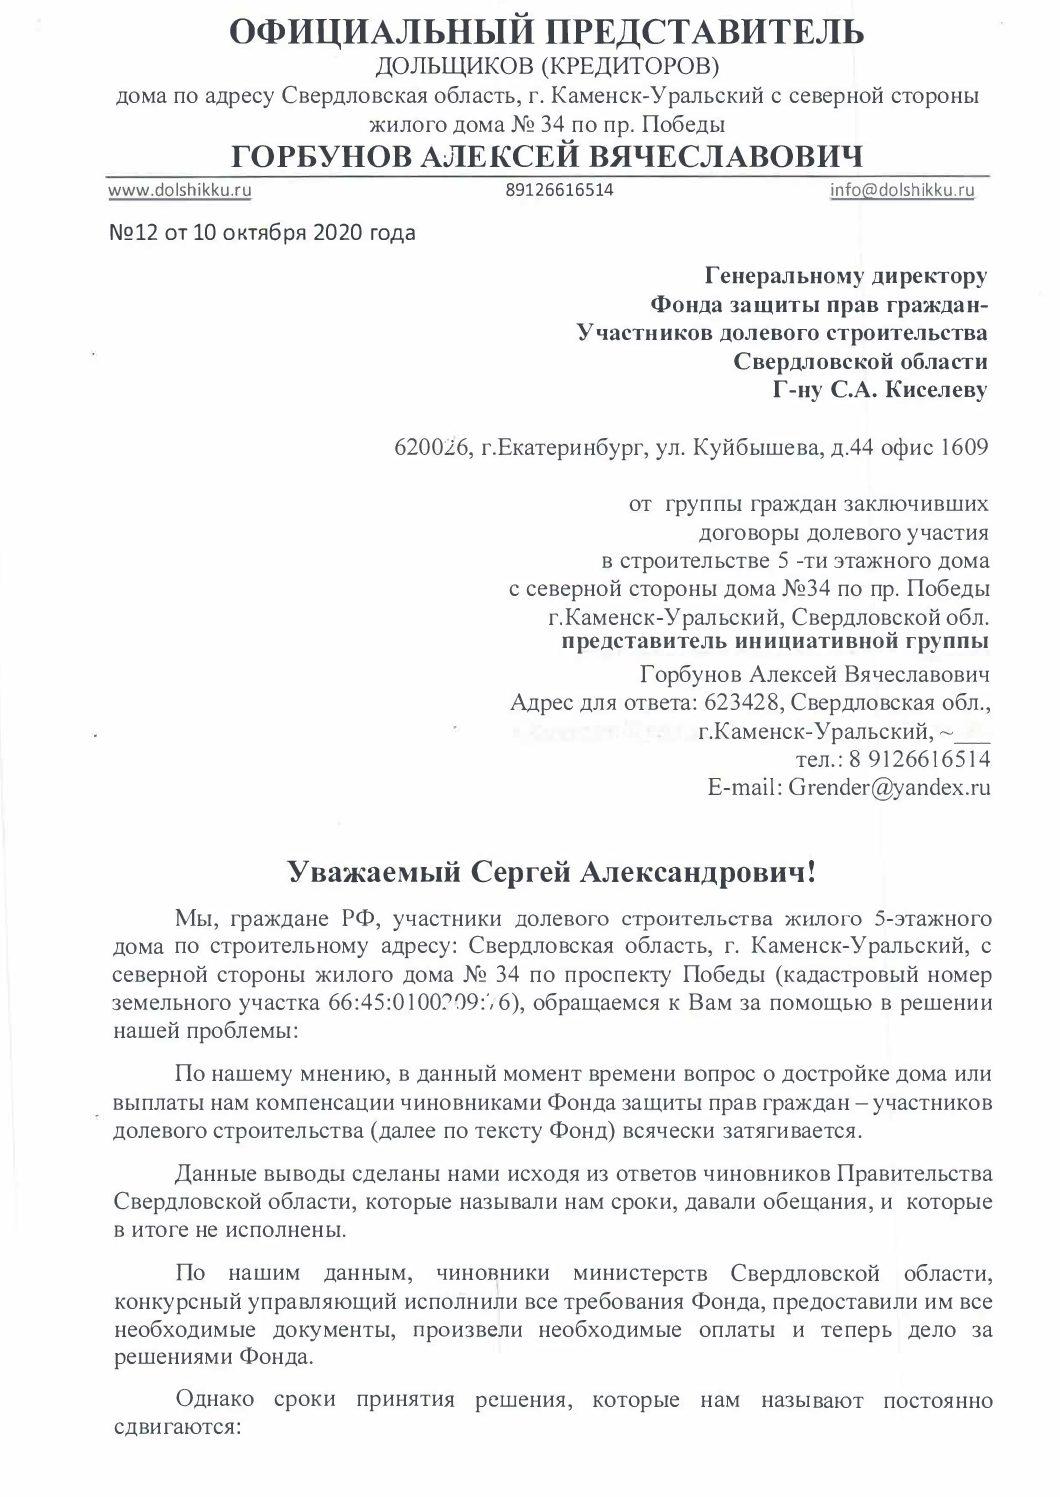 Запрос в региональный Фонд помощи обманутым дольщикам, Киселеву С.А.